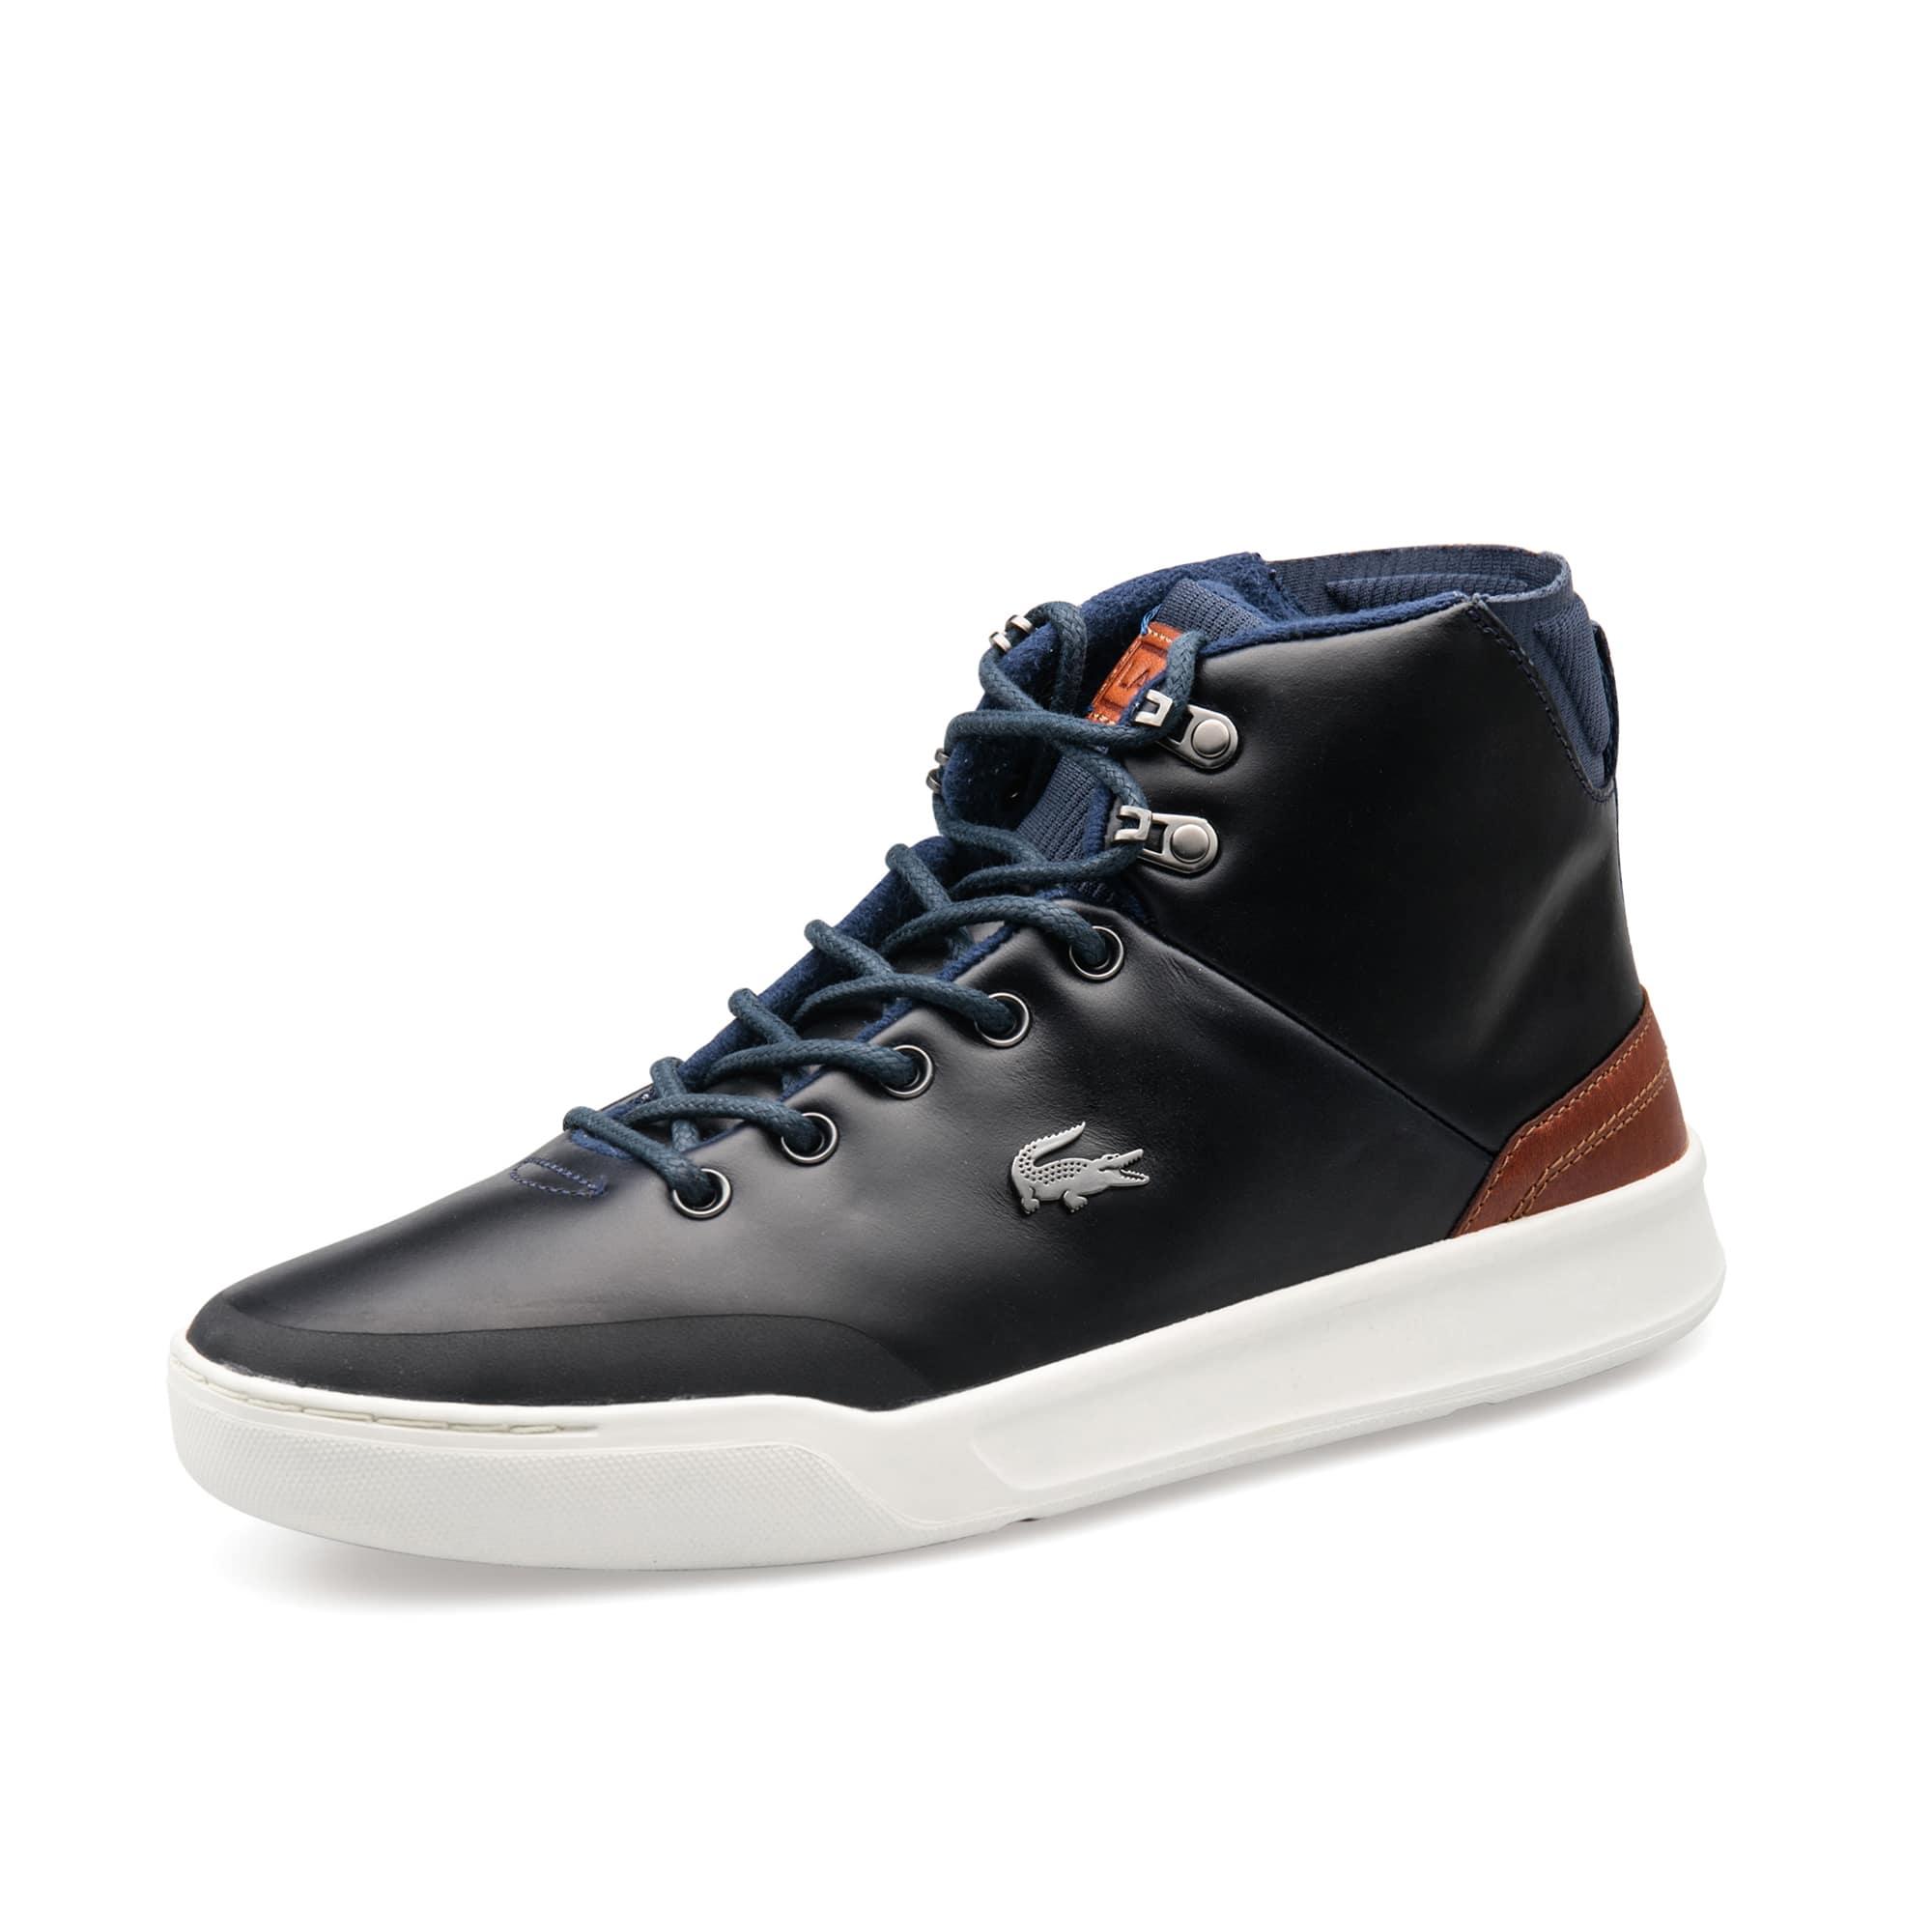 男士Explorateur Classic系列高帮皮革运动鞋